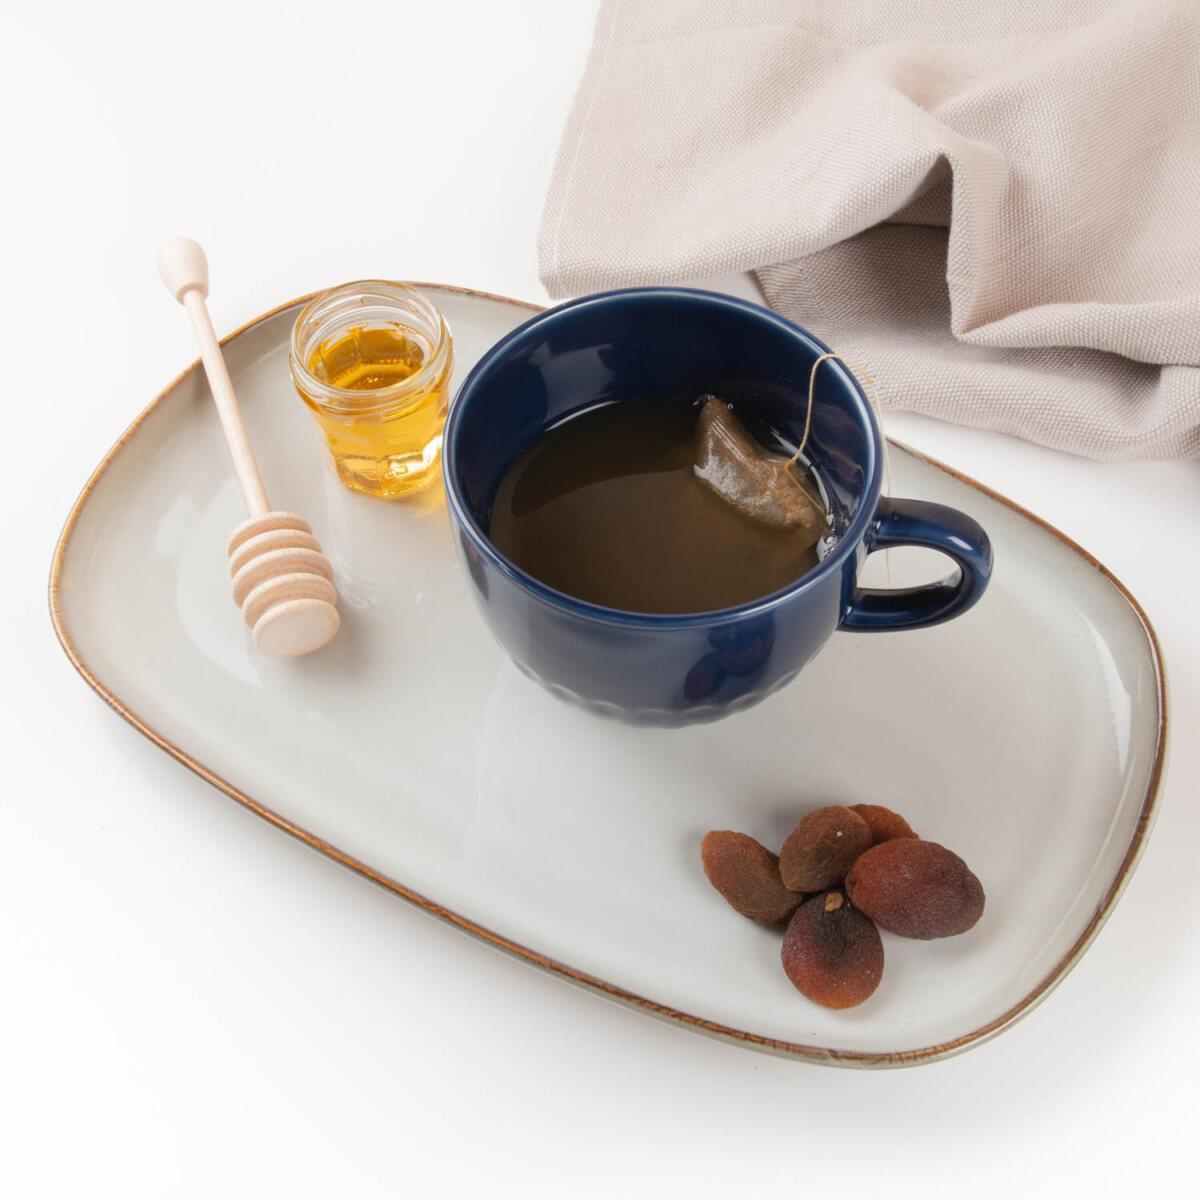 reusable wooden honey spoon